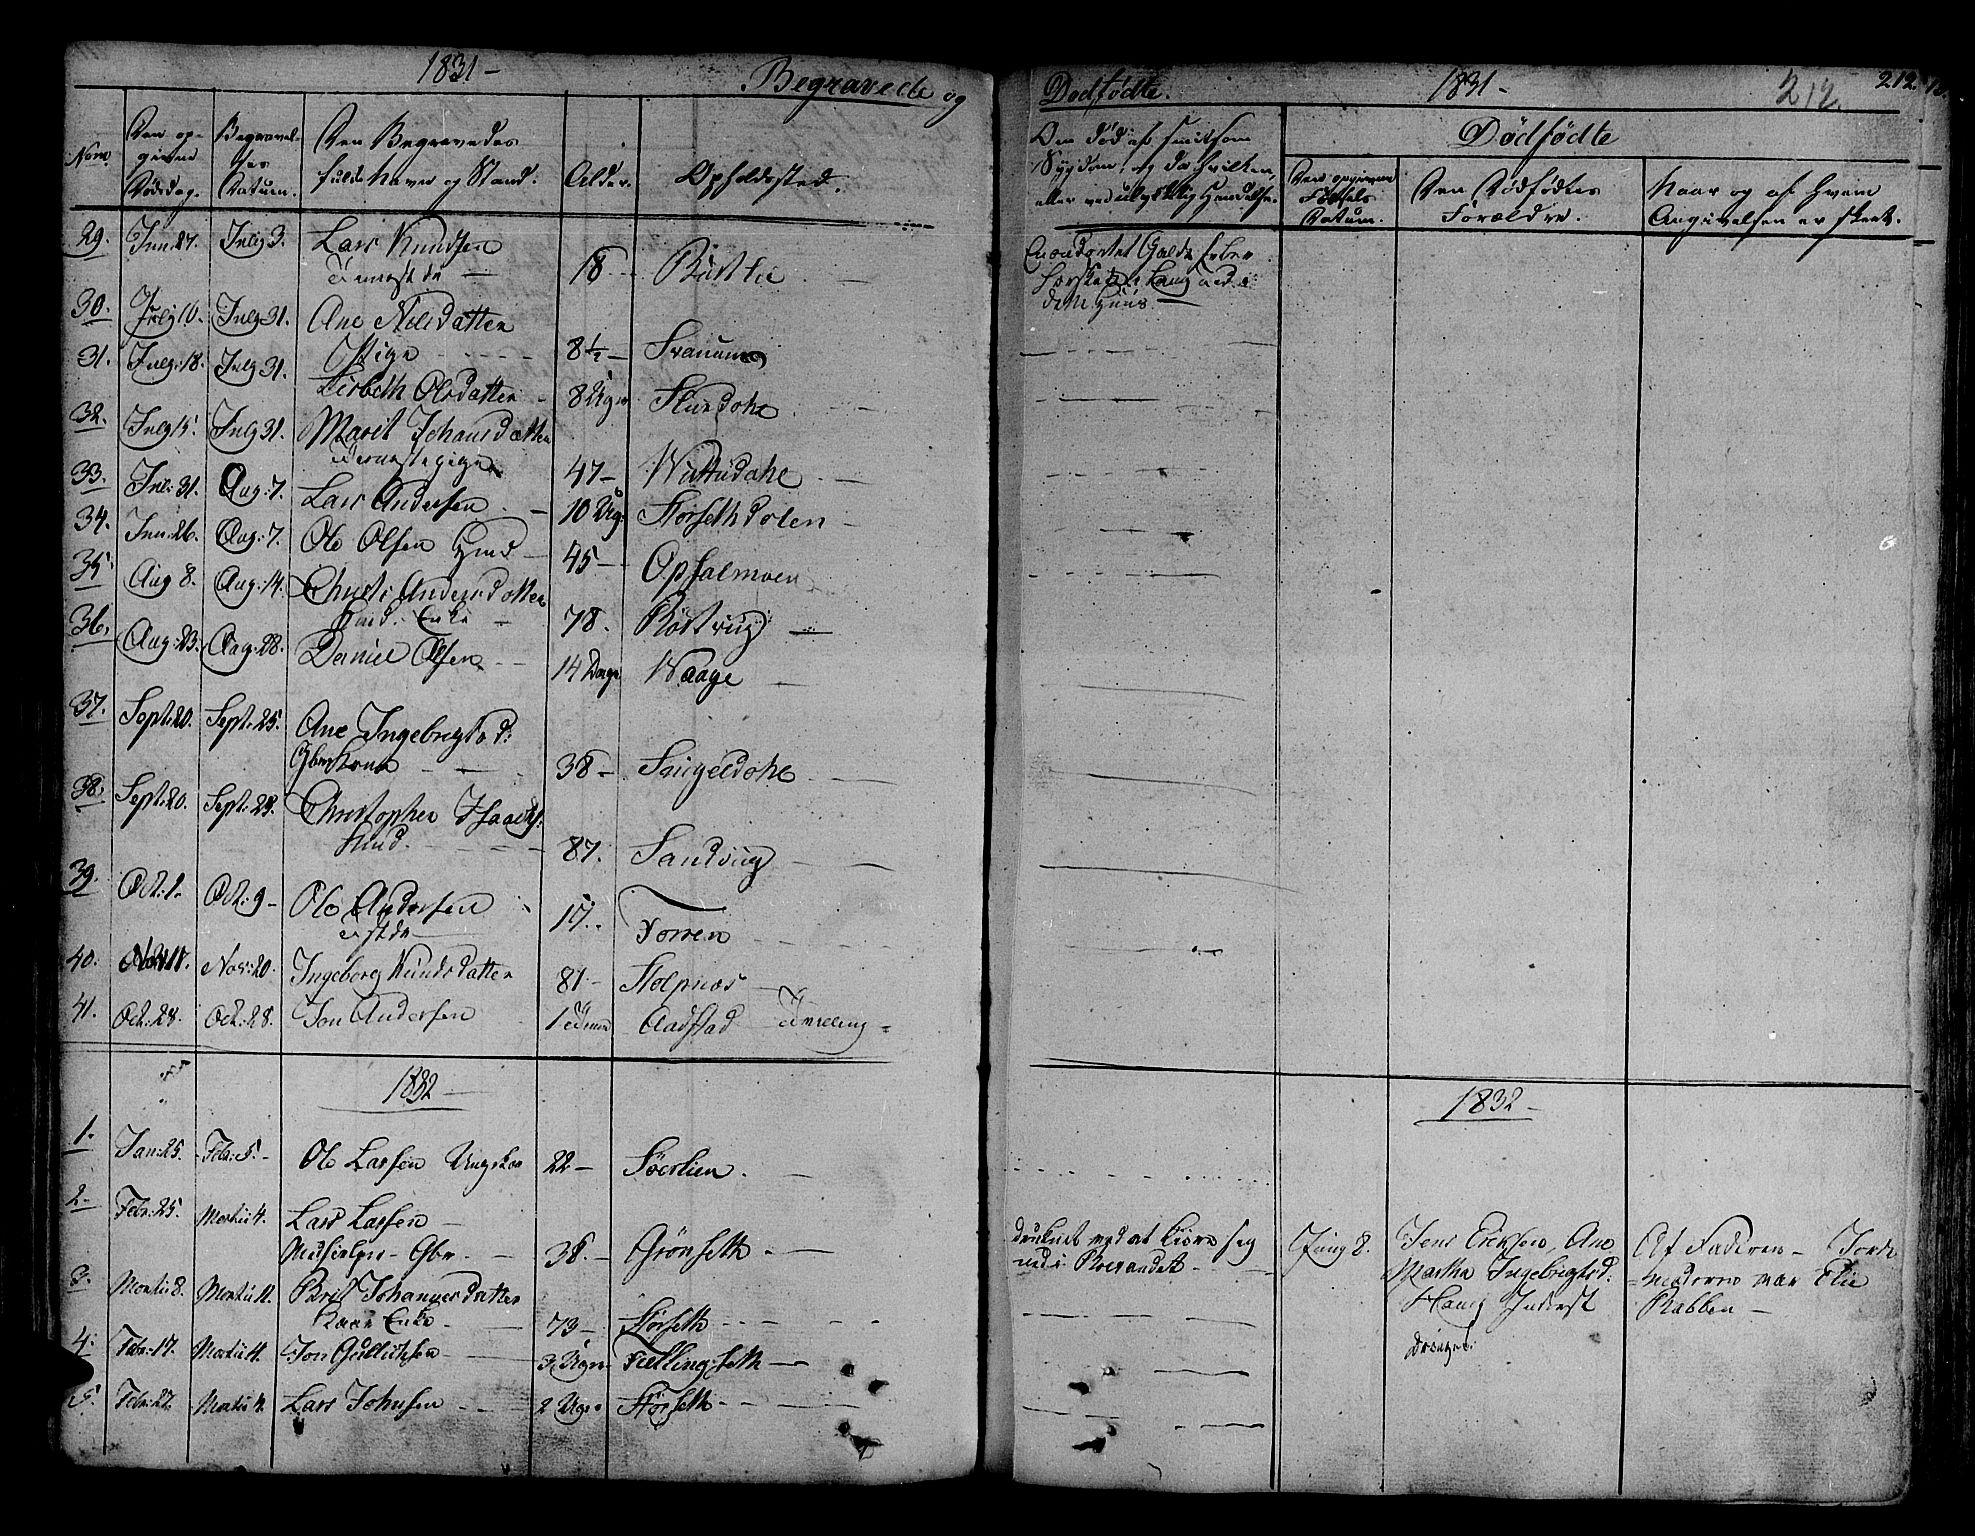 SAT, Ministerialprotokoller, klokkerbøker og fødselsregistre - Sør-Trøndelag, 630/L0492: Ministerialbok nr. 630A05, 1830-1840, s. 212